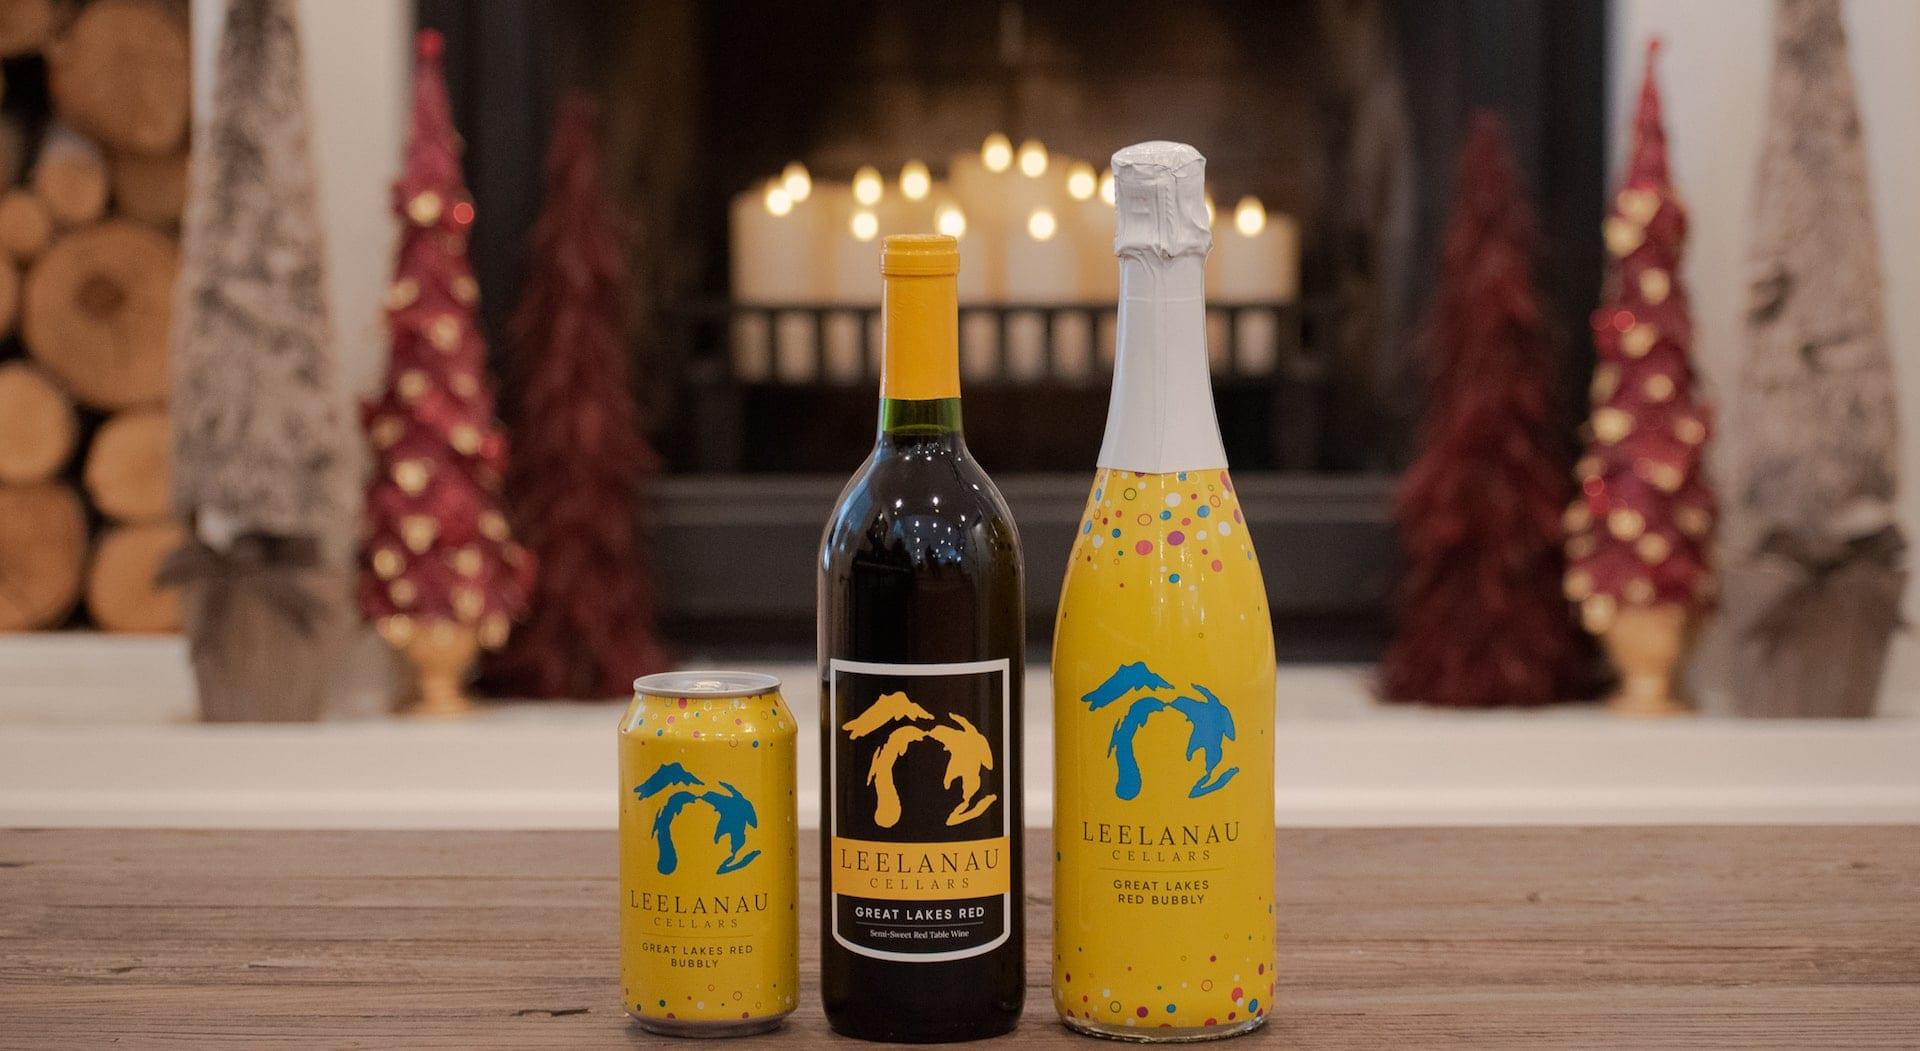 Leelanau Cellars sparkling wine